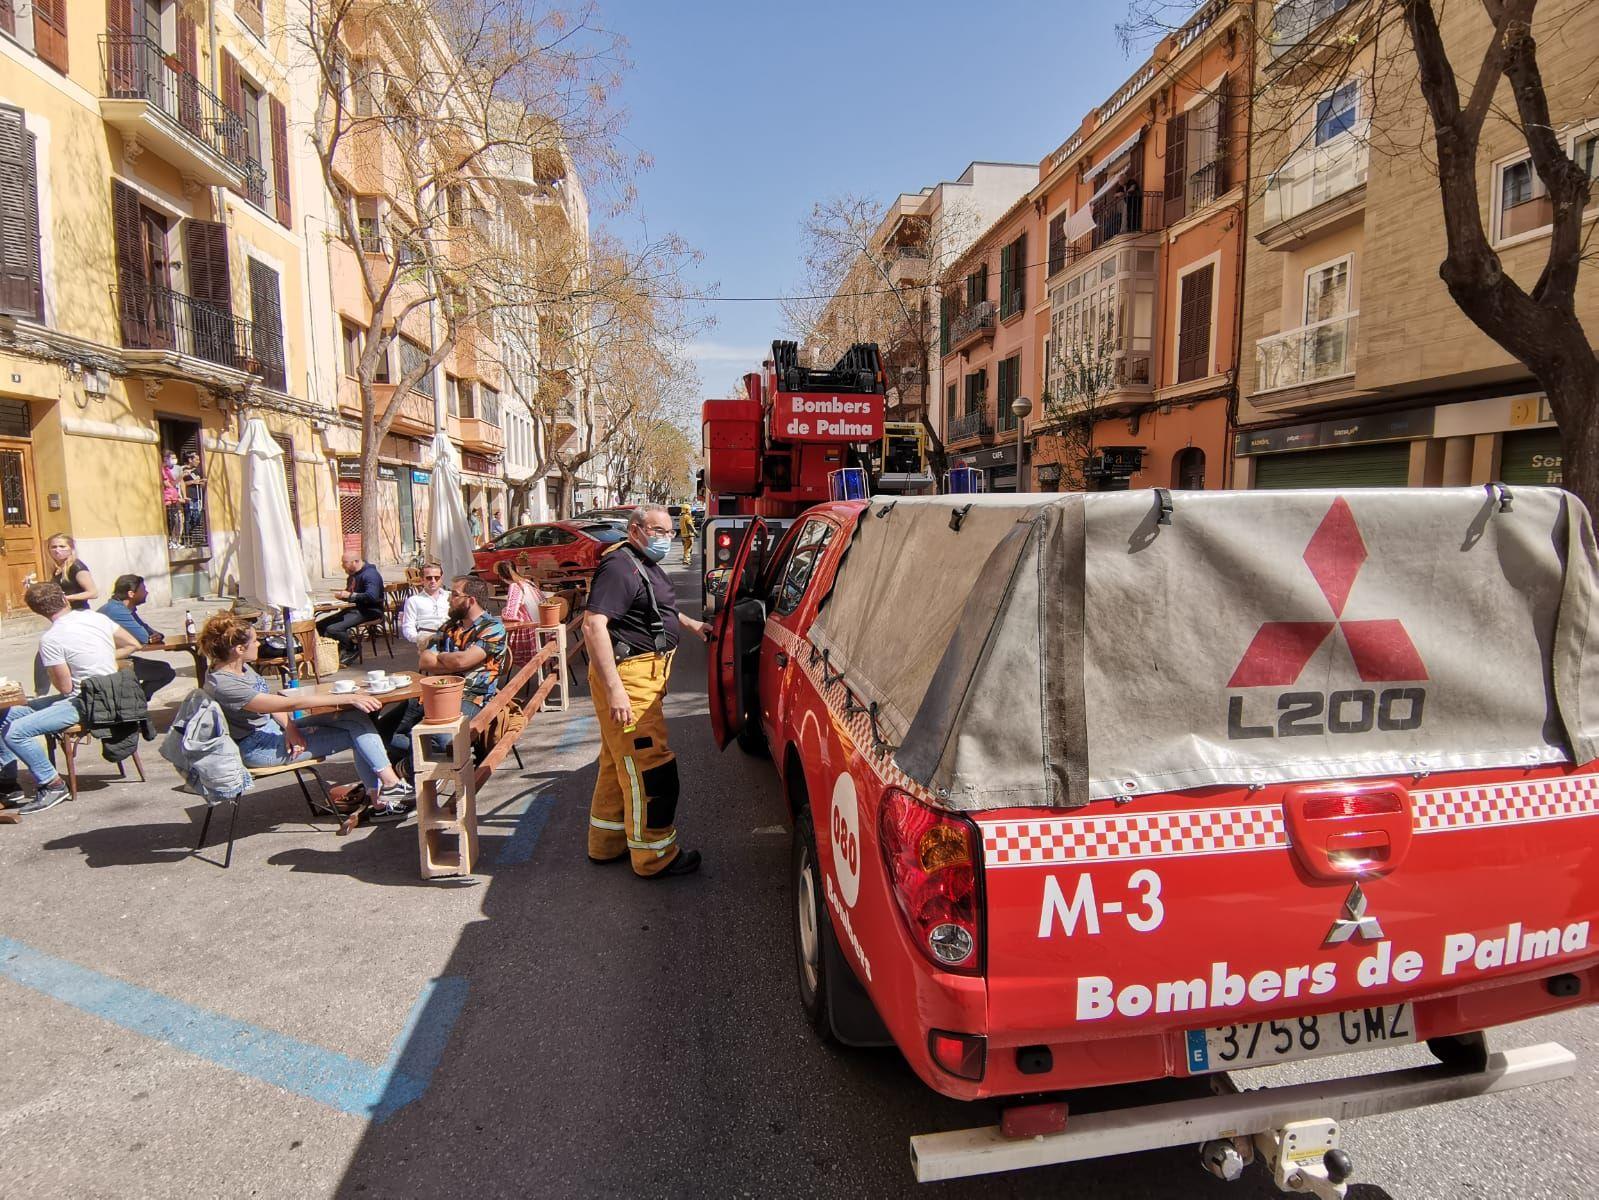 Incendio en una cafetería de la calle Arxiduc, en Palma